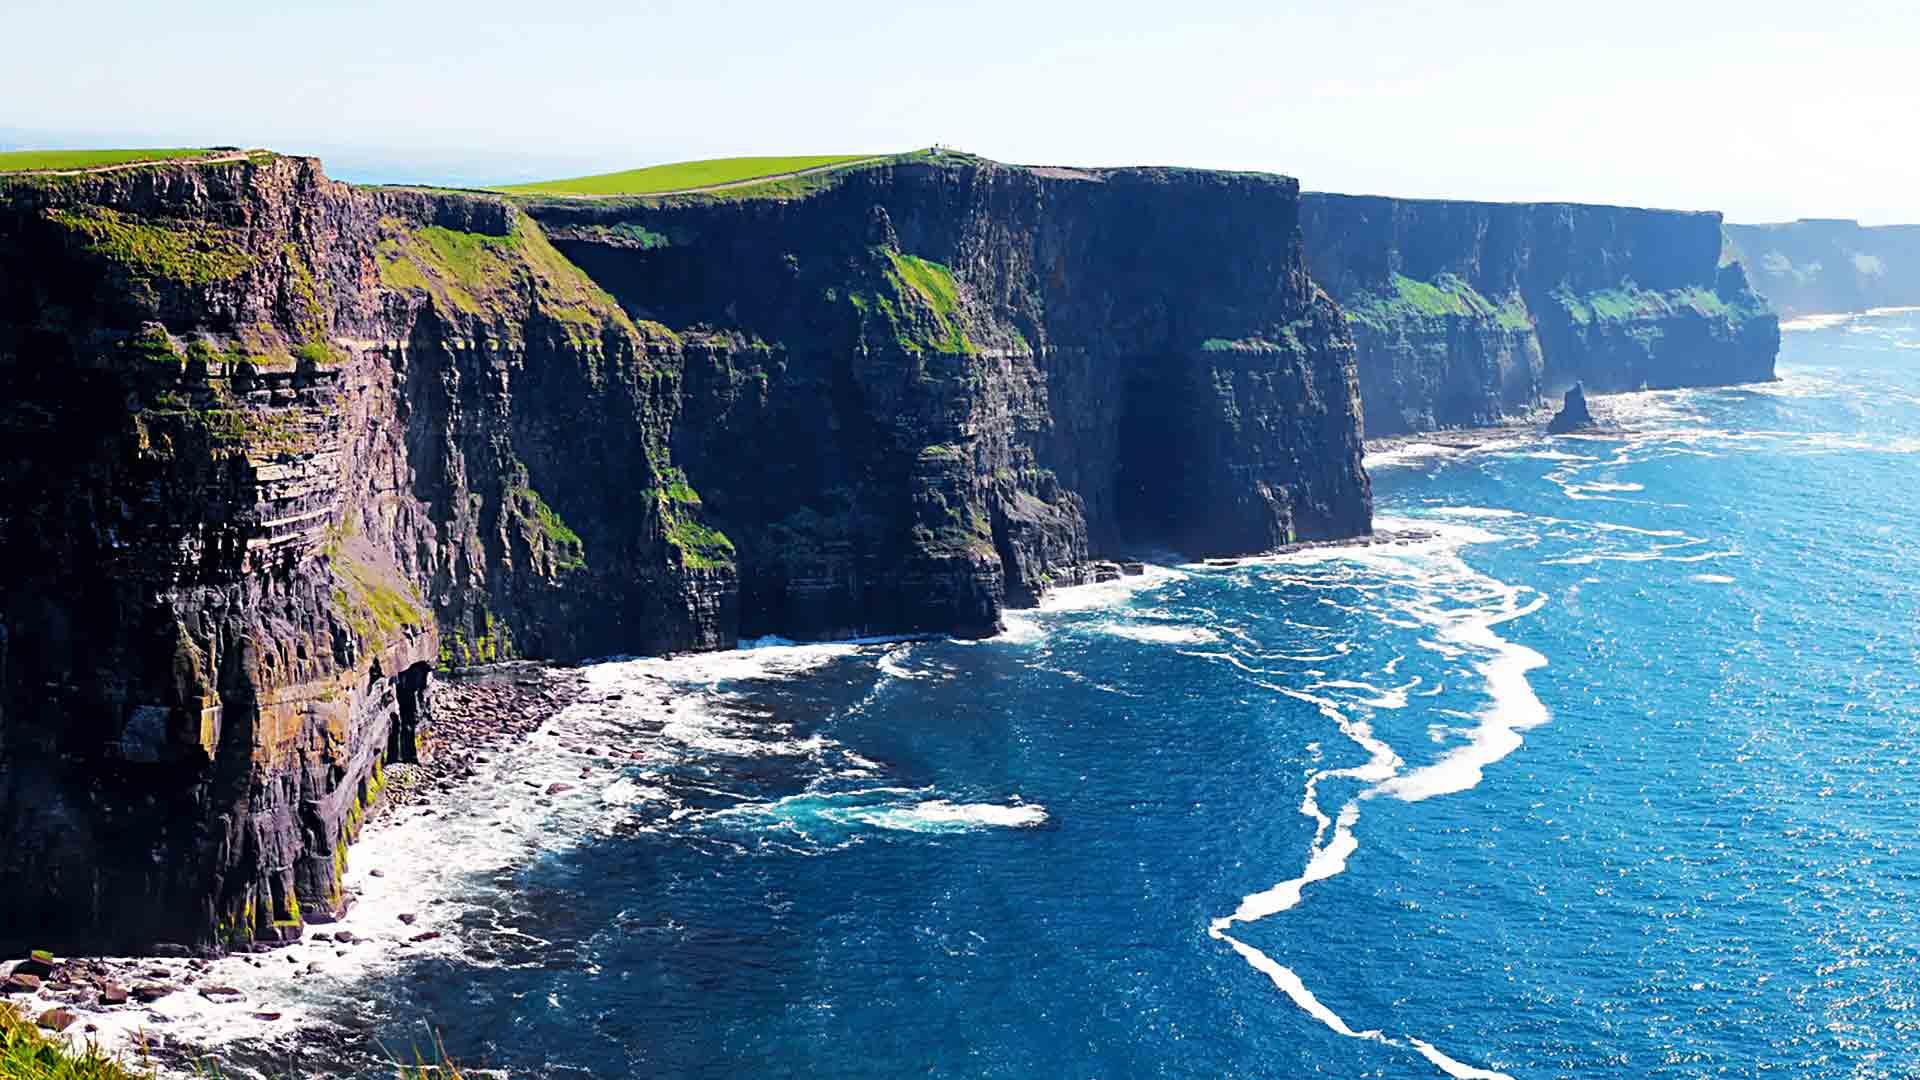 شروط الحصول على تأشيرة للسفر إلى أيرلندا من المصريين